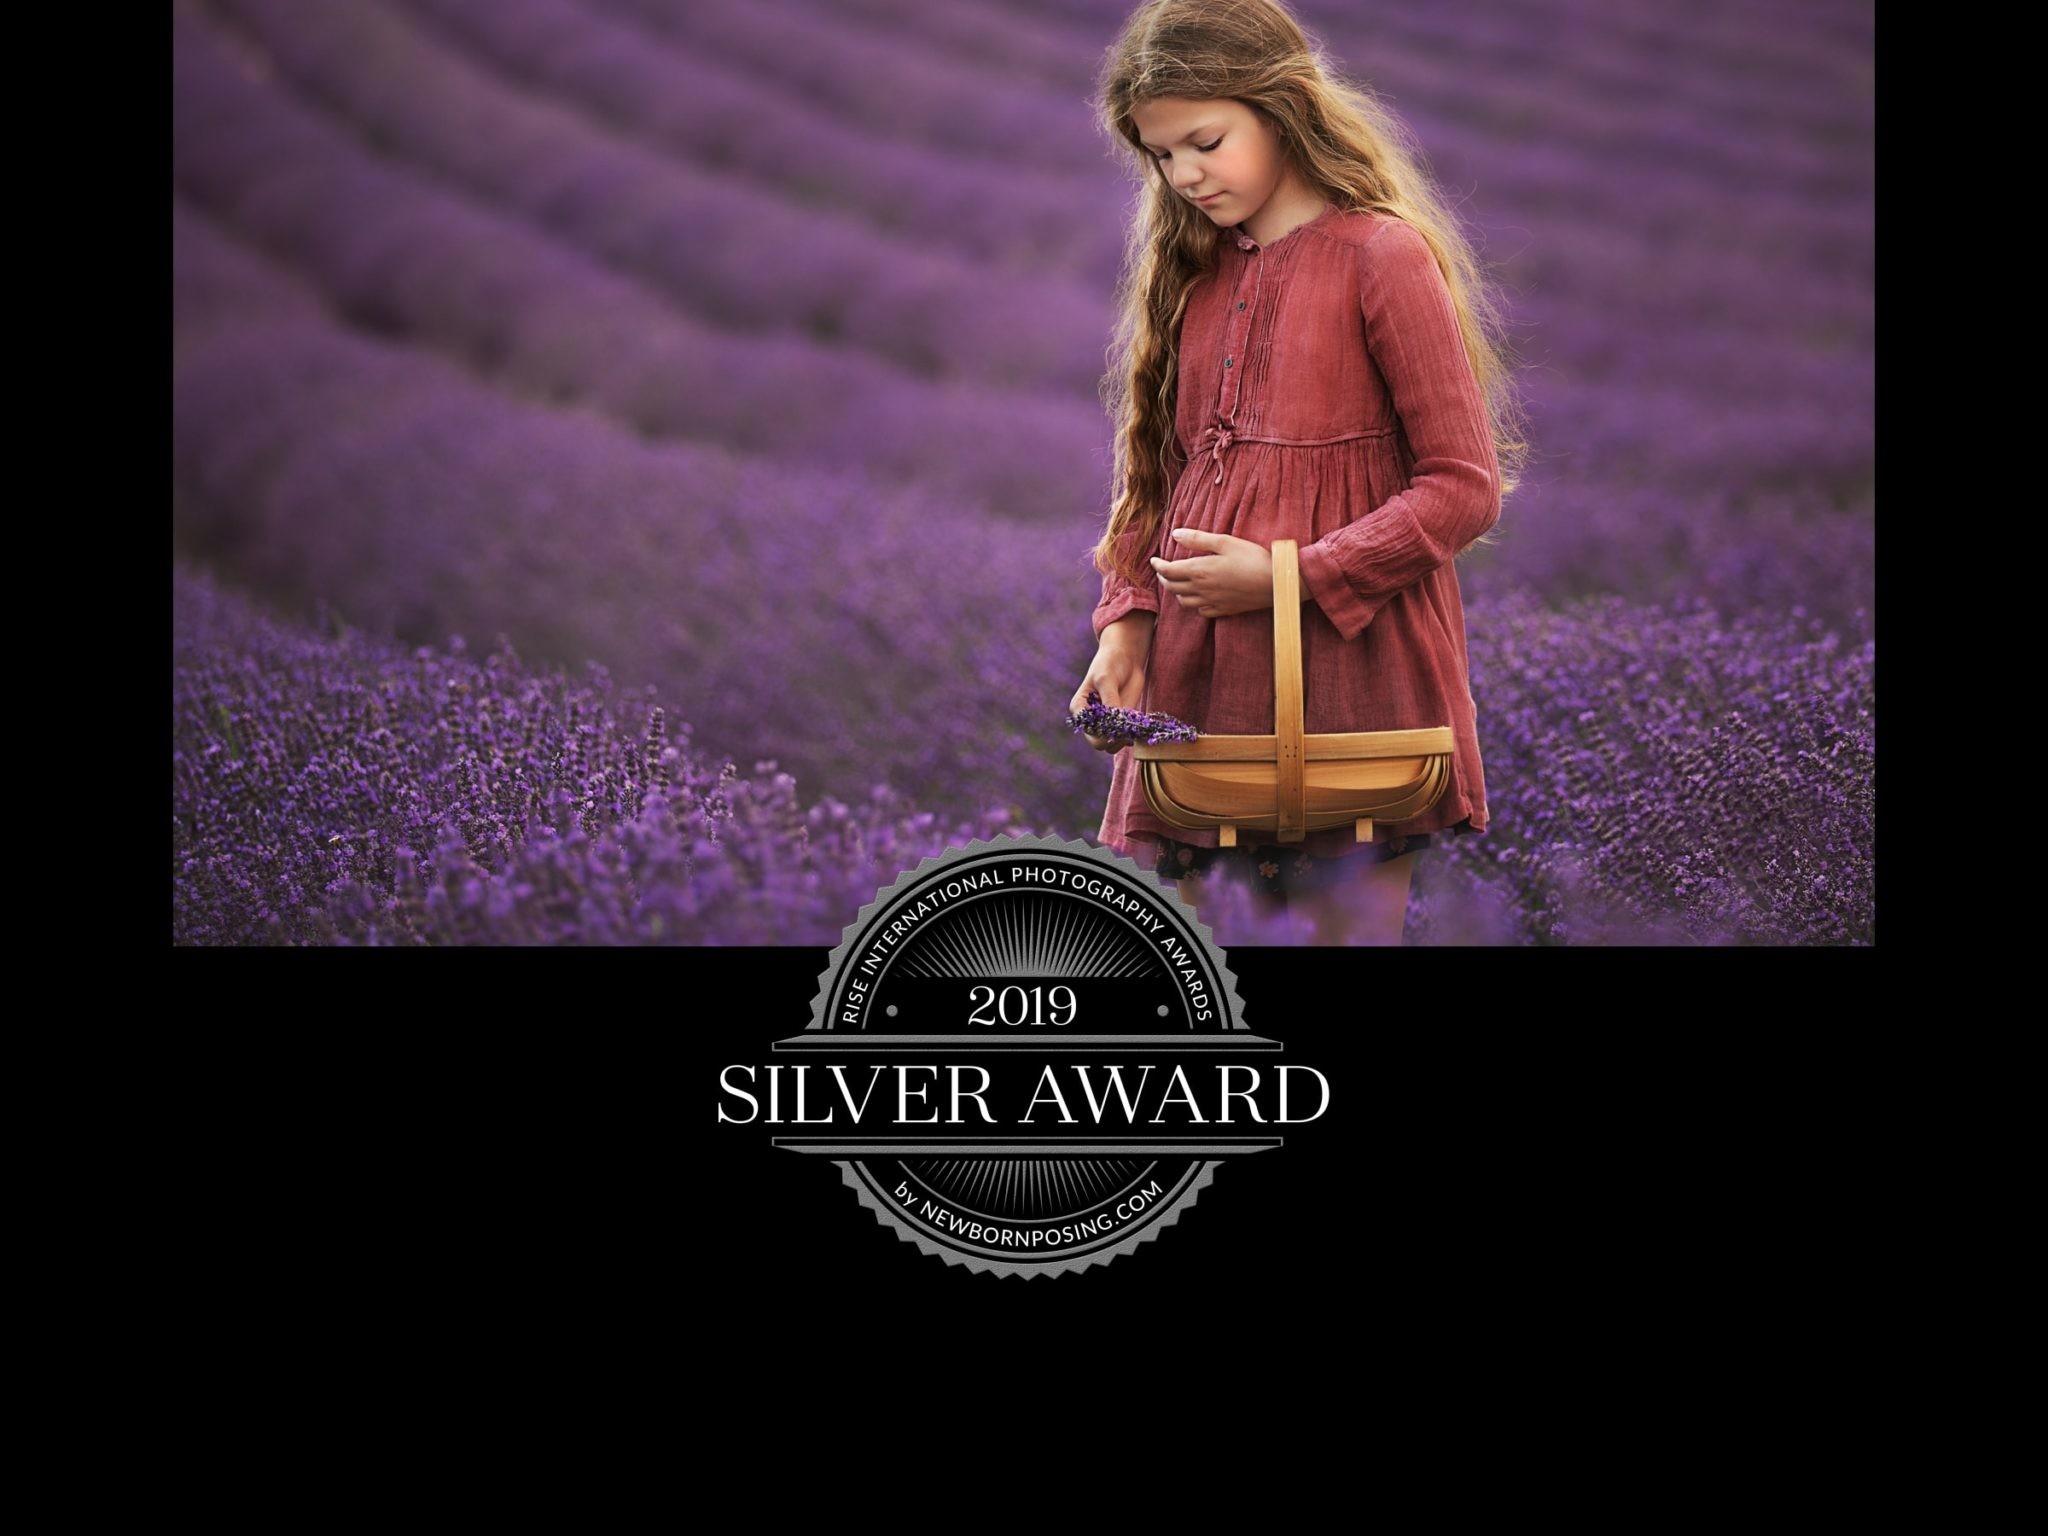 girl in the lavender field